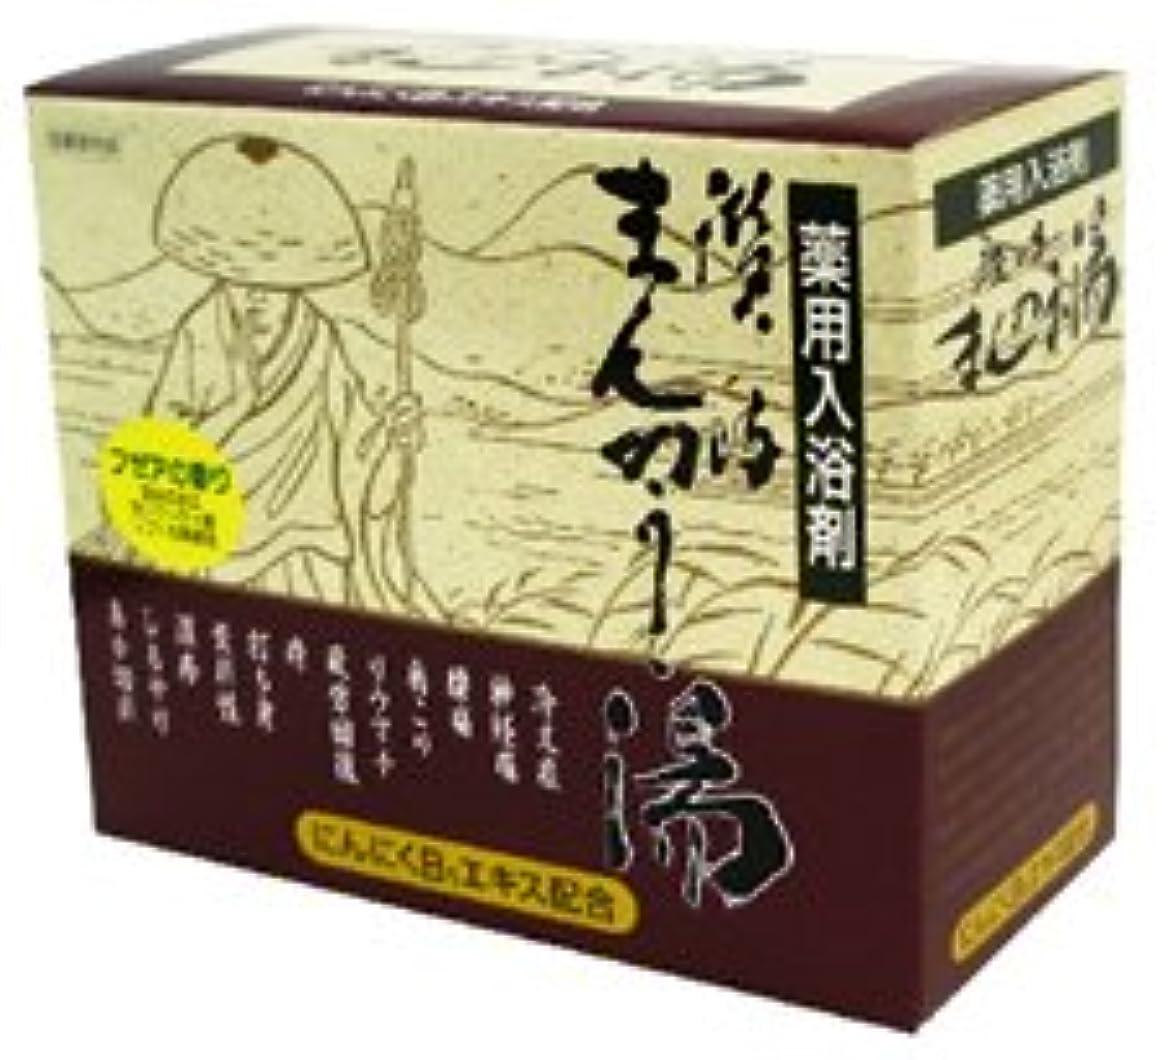 人気の吸収剤事業薬用入浴剤 讃岐まんのう湯 30g×20包×3箱セット